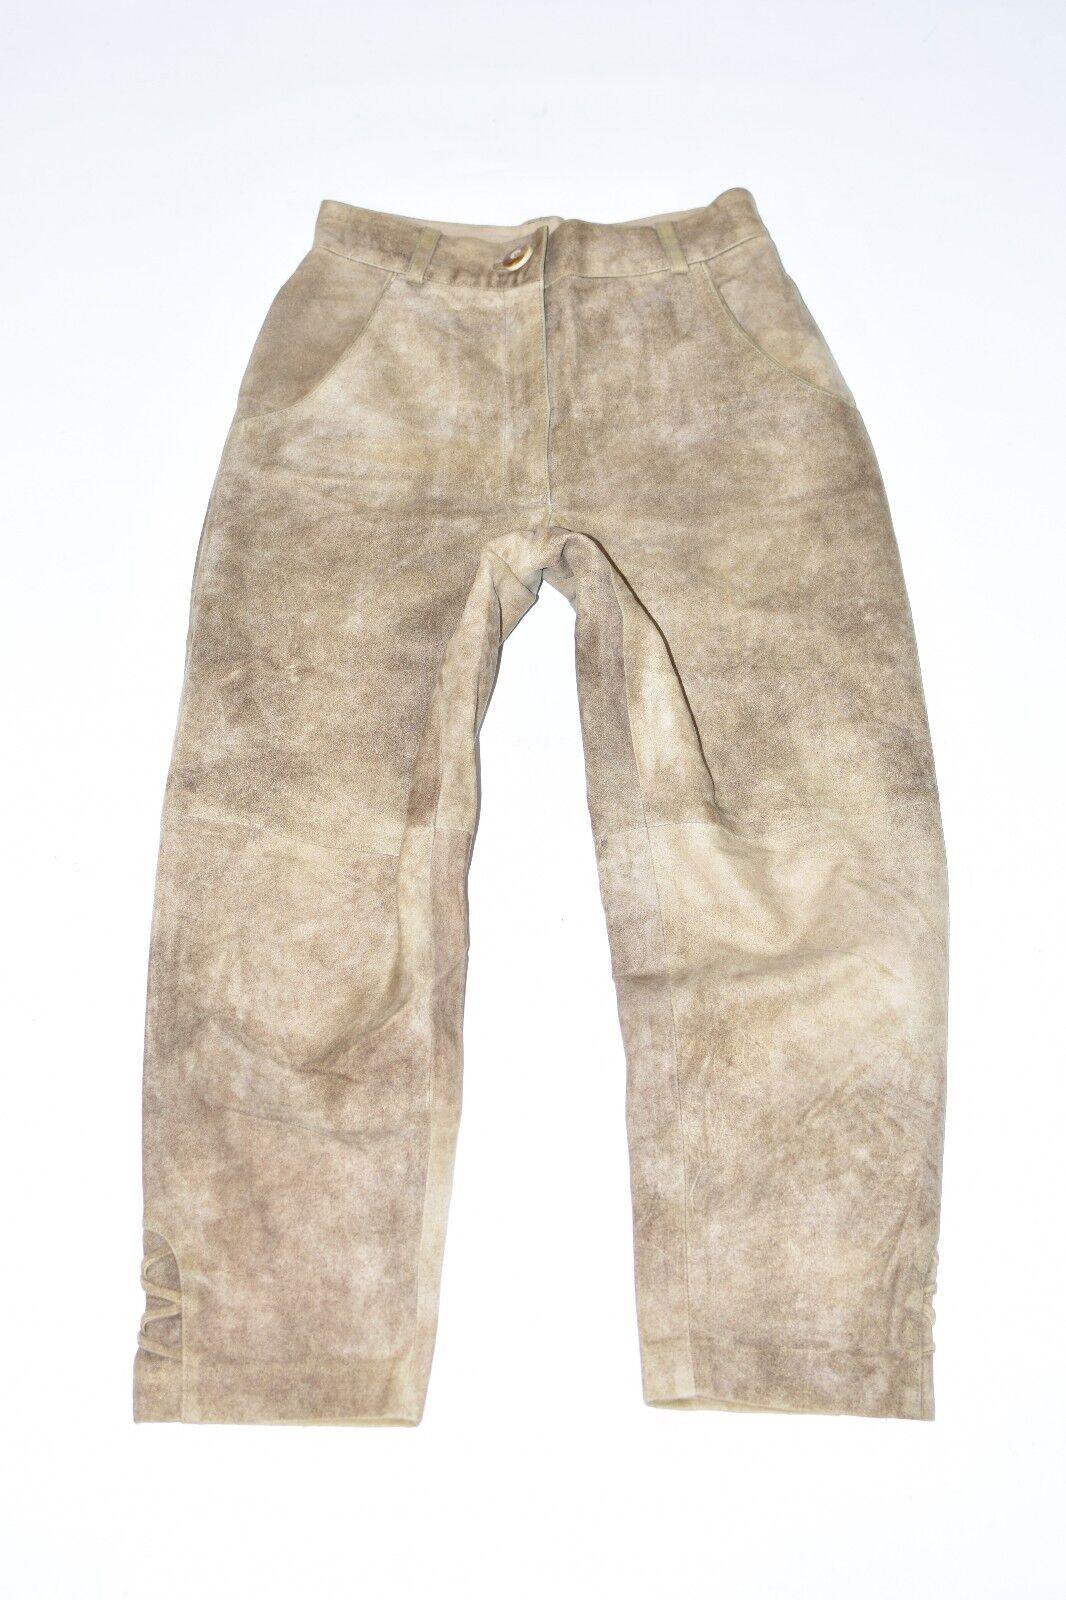 Brown Leather SPIETH&WENSKY Straight Biker Women's Trousers Pants Size W25  L23